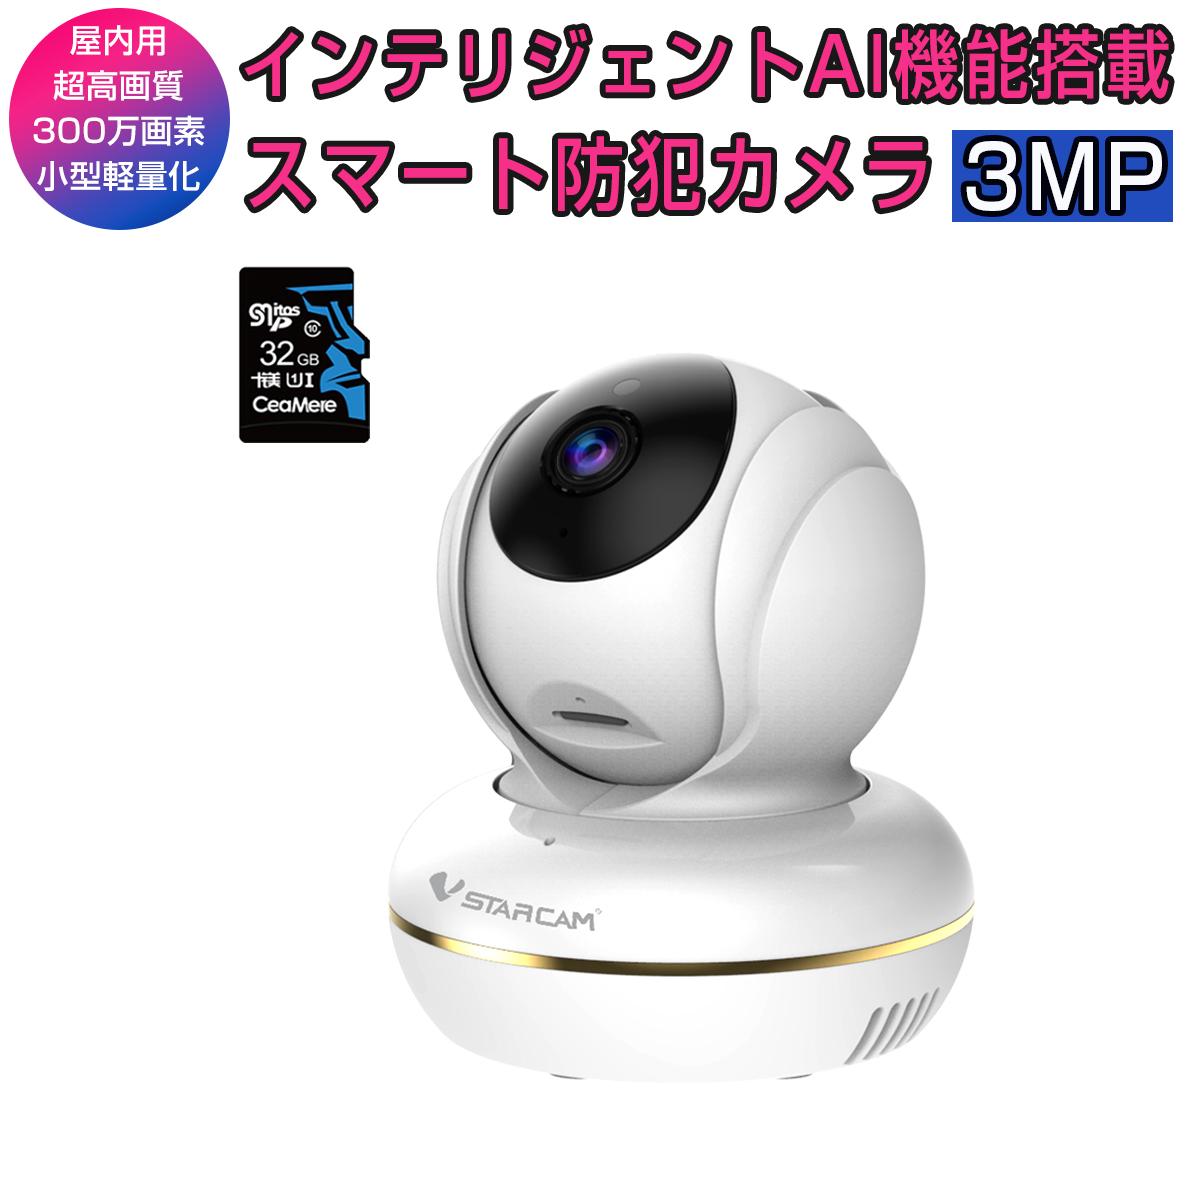 小型 防犯カメラ ワイヤレス C22S SDカード32GB同梱モデル VStarcam 2K 1296p 300万画素 AI機能搭載 ONVIF対応 超高画質 超高精細 wifi 無線 人型フレーミング 人体追跡 人体検知 動体検知 録画 録音 遠隔監視 子供 ペット 屋内用 IP 宅配便送料無料 PSE 技適 6ヶ月保証